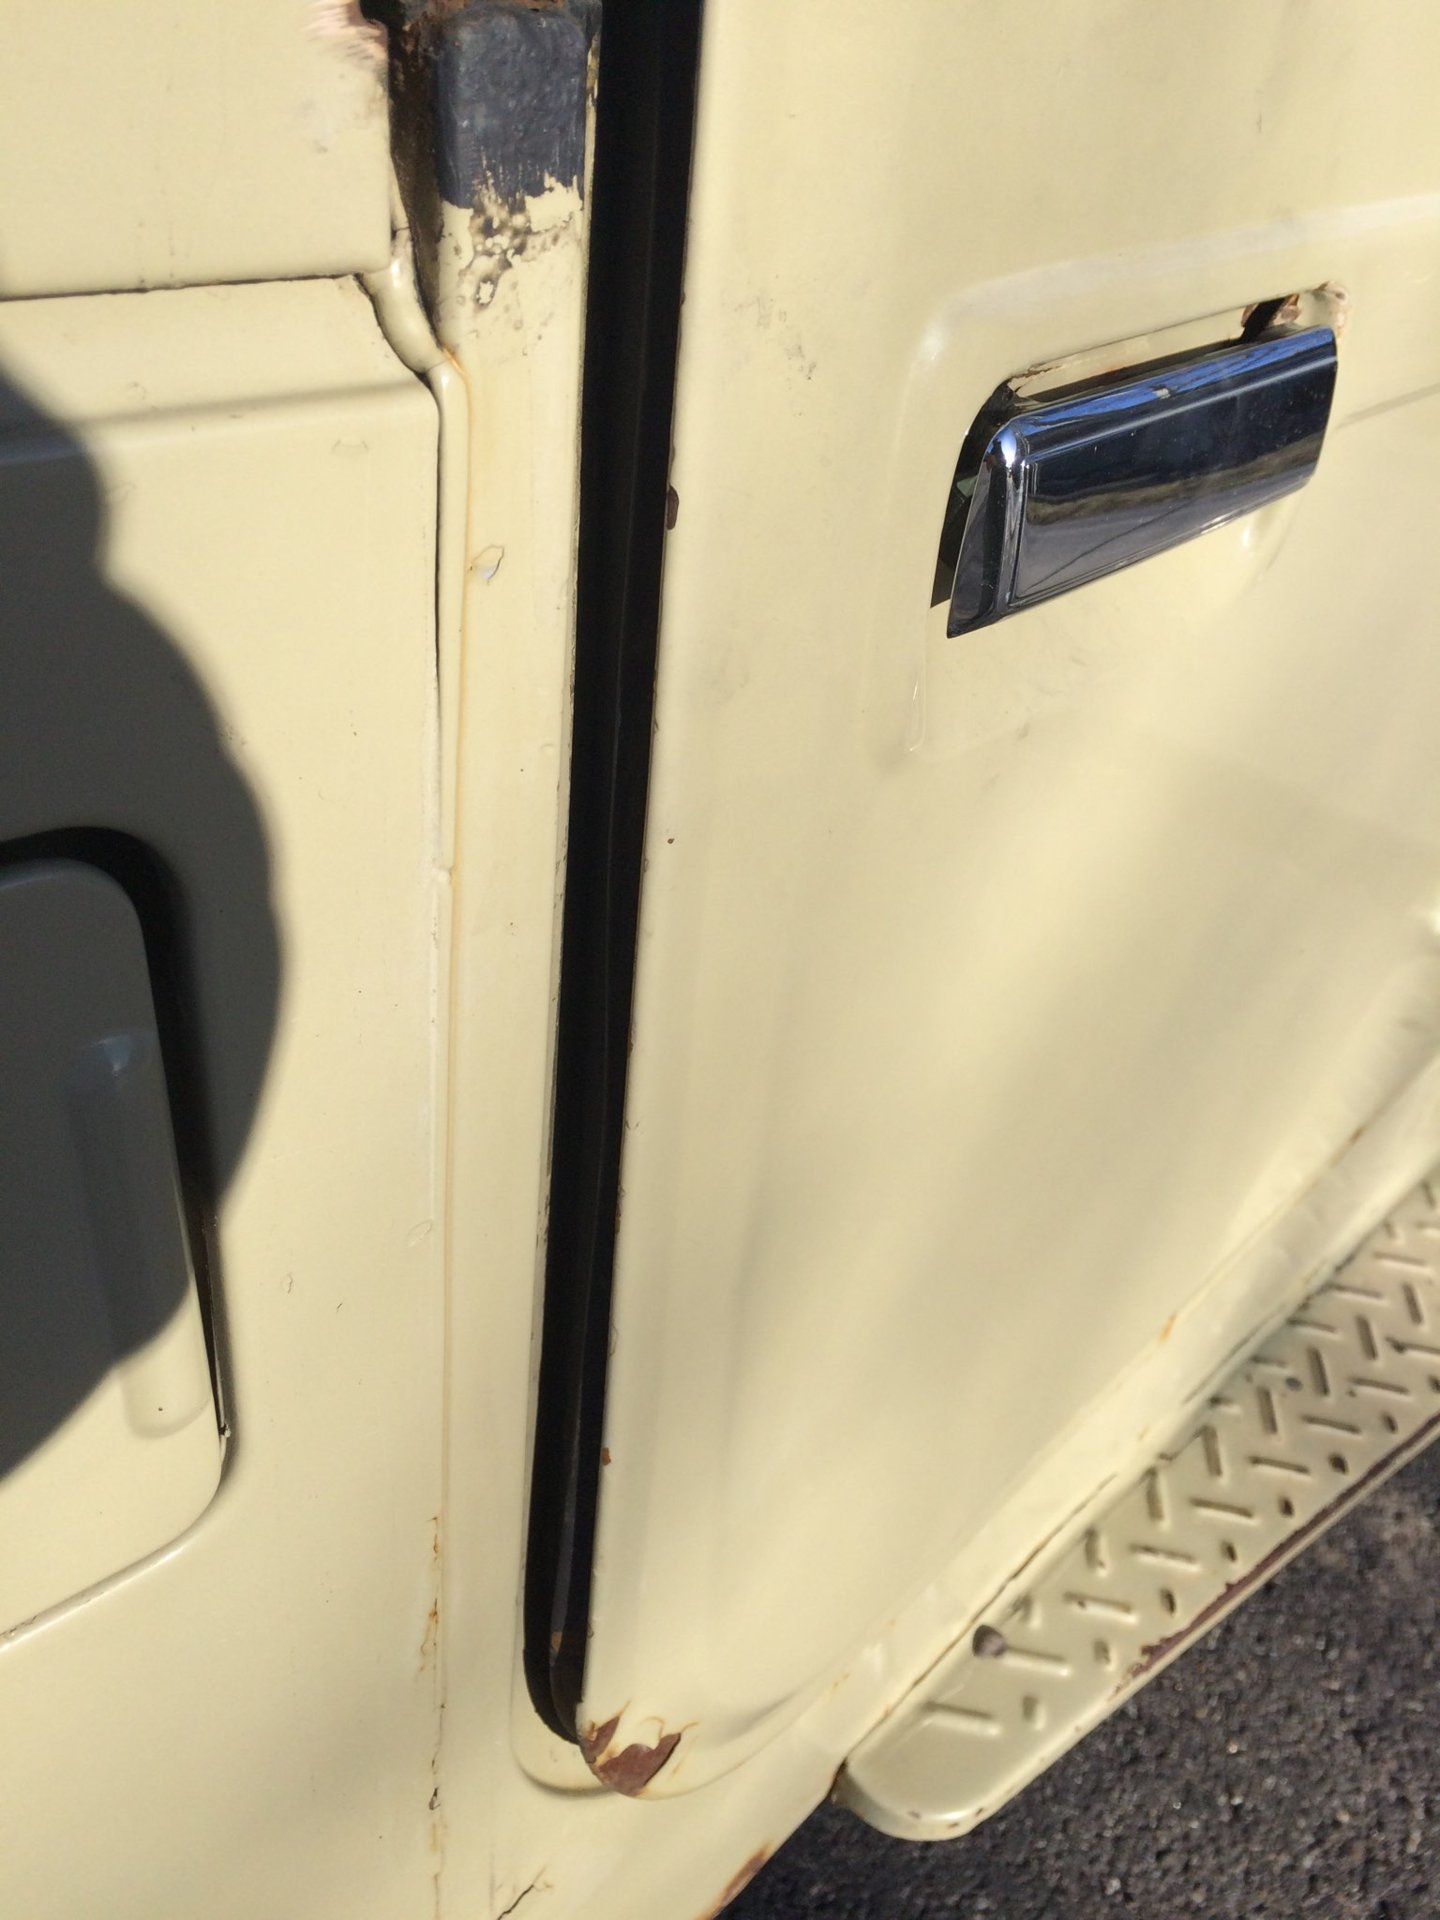 Gap at front of door with hinge. & 82 Door Alignment | IH8MUD Forum